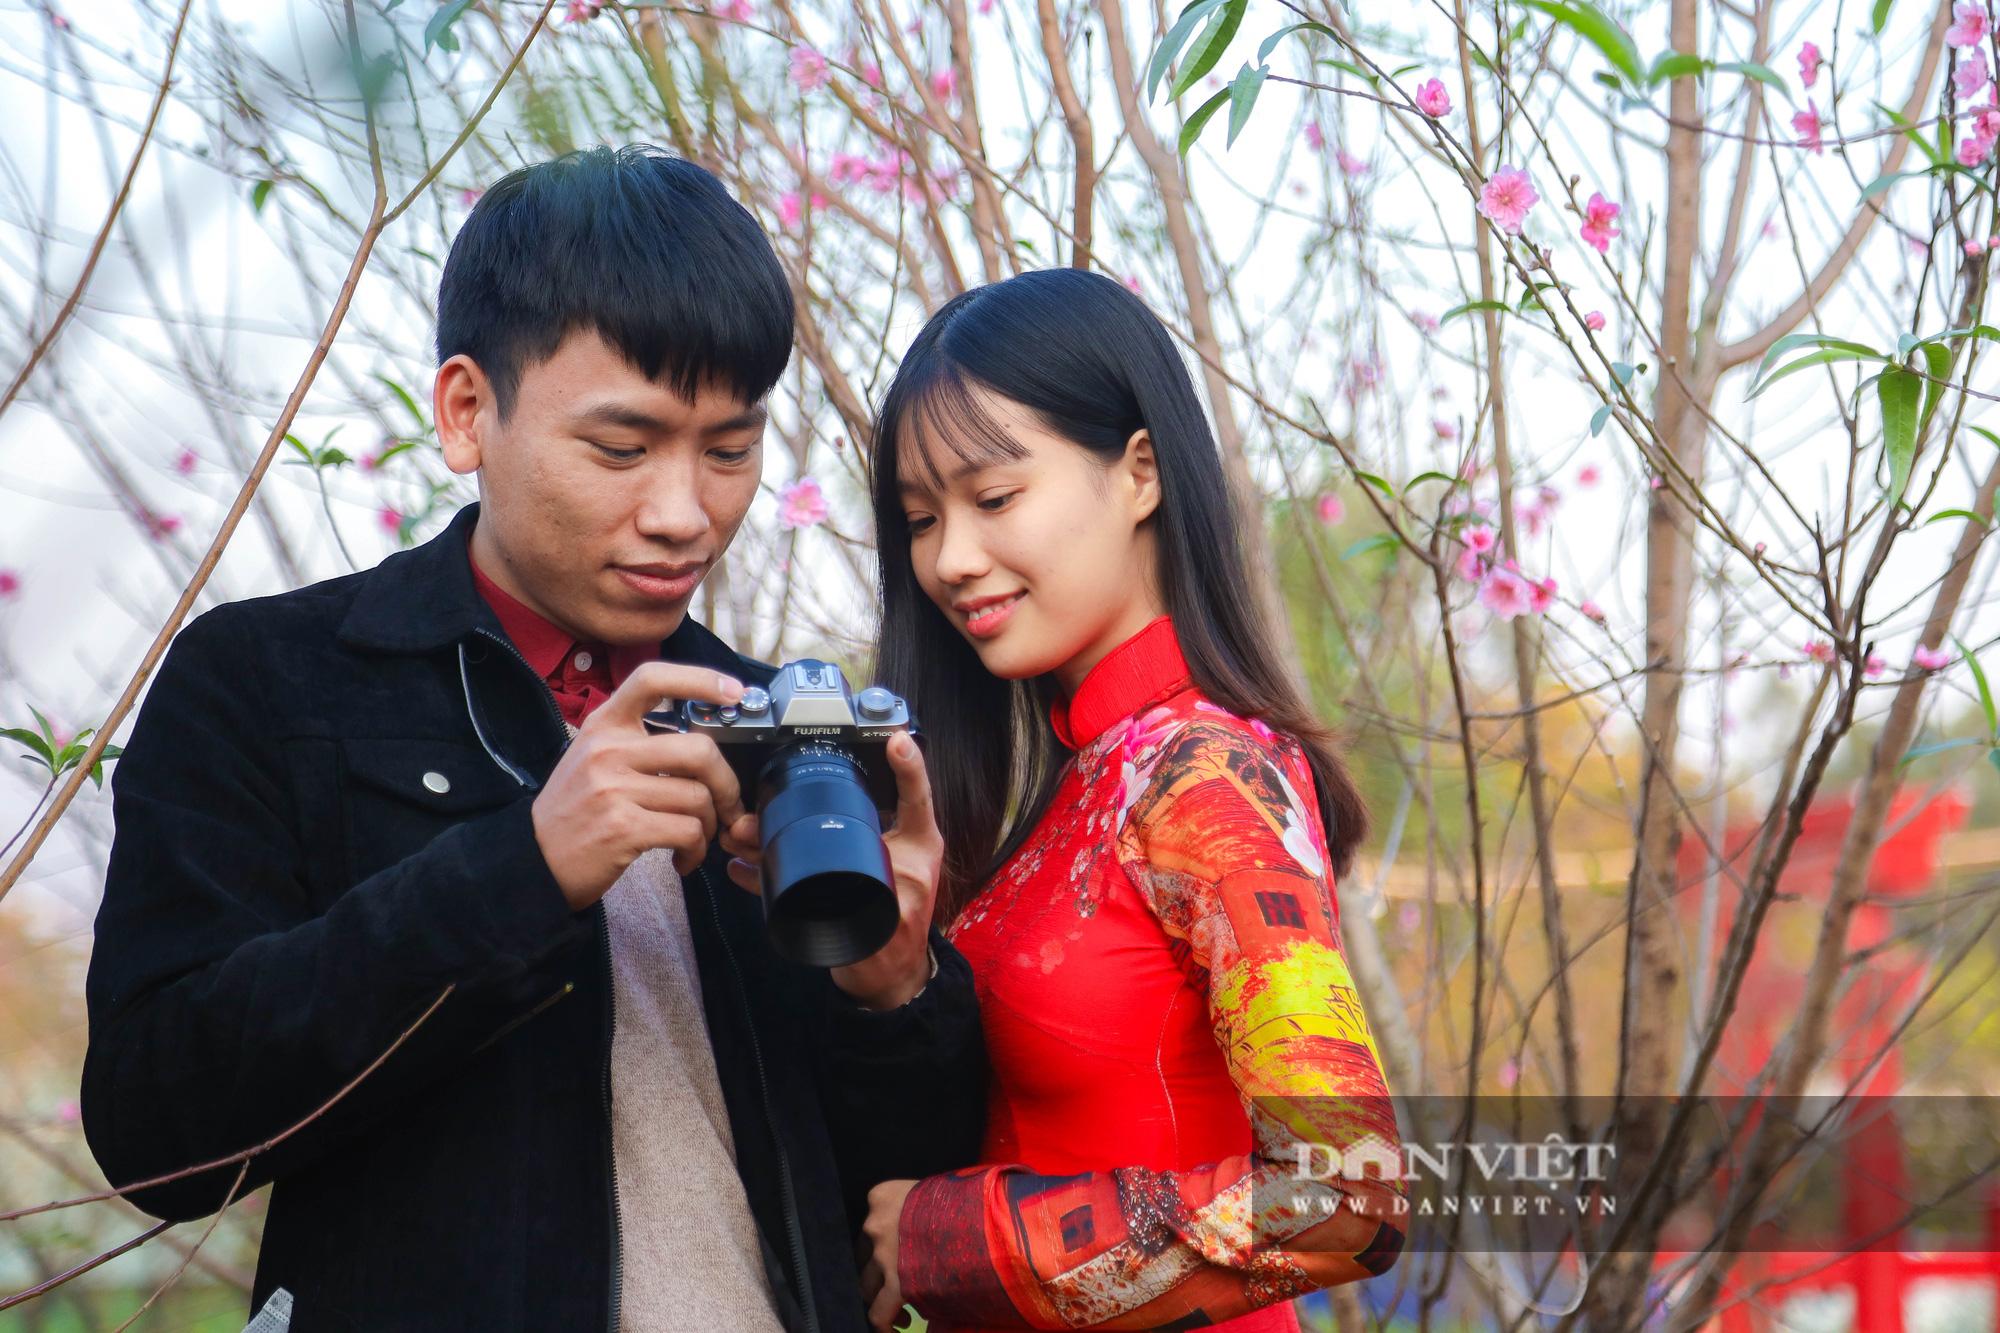 Người Hà Nội nô nức chụp ảnh check-in hoa đào từ Tết Dương lịch - Ảnh 4.